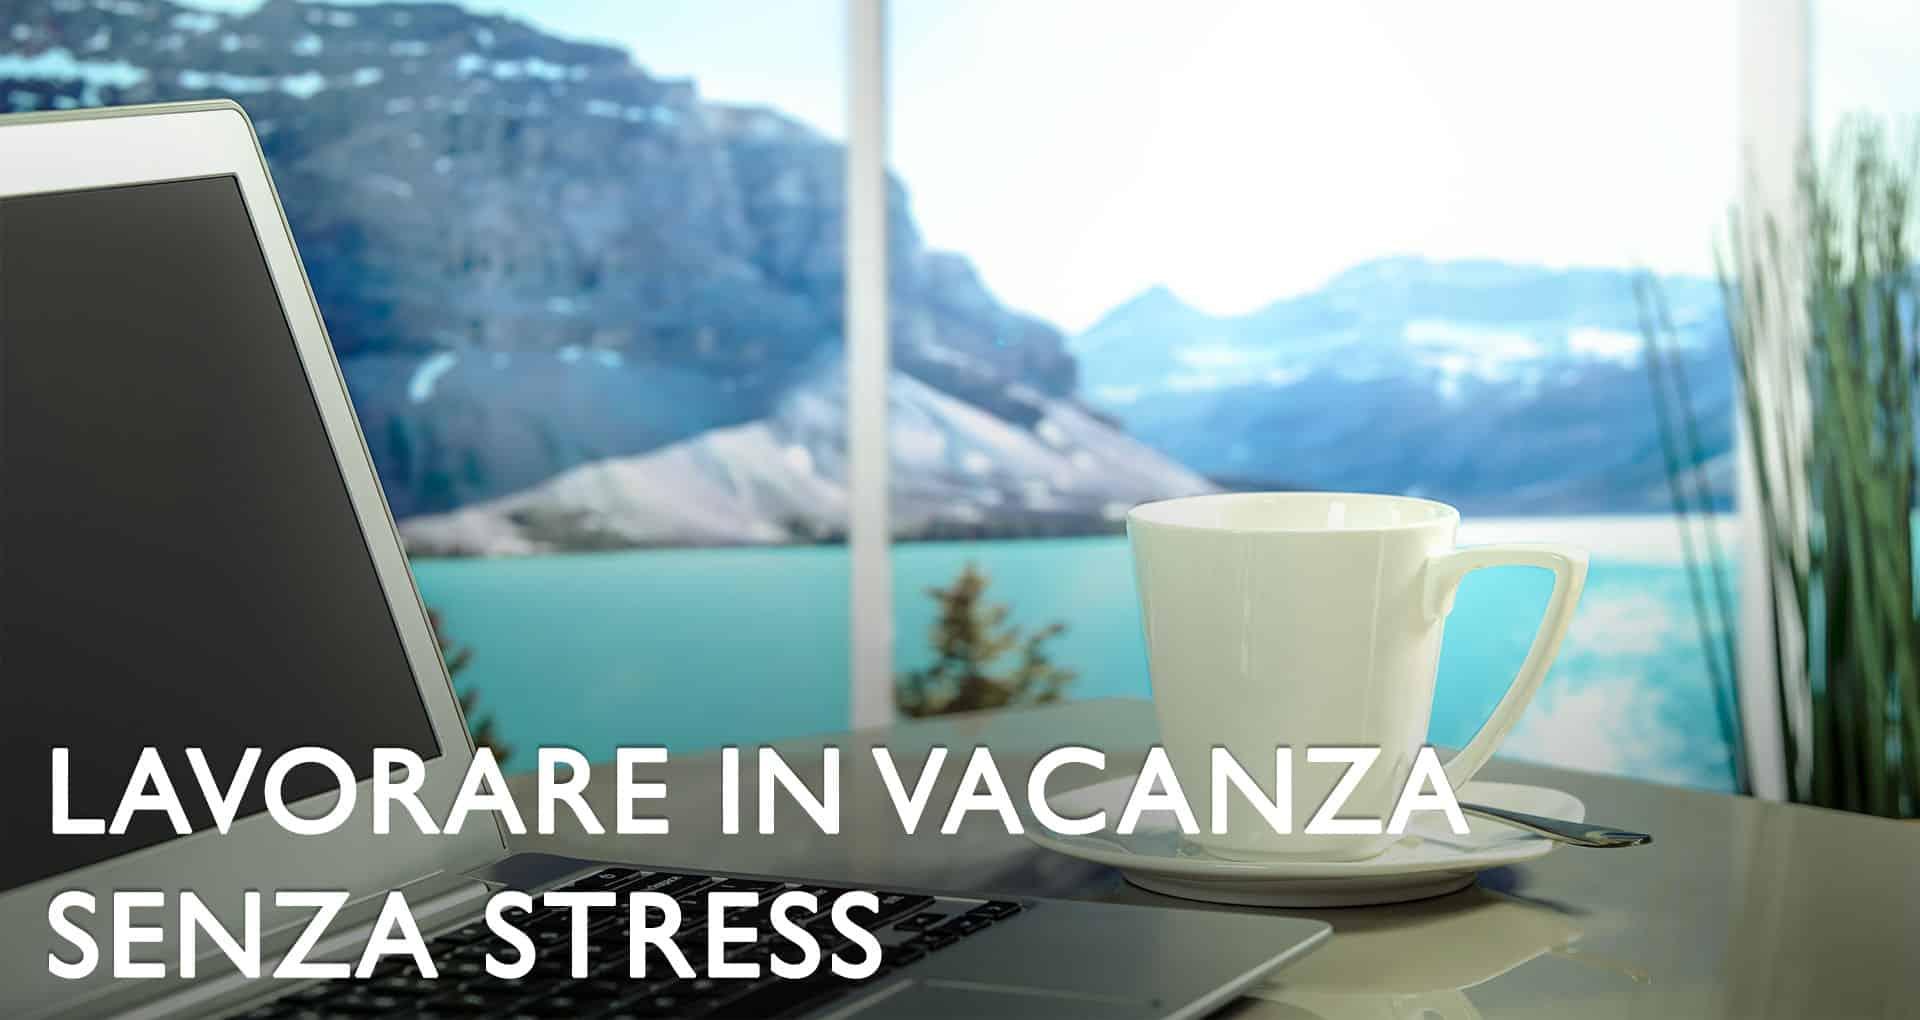 lavorare senza stress in vacanza